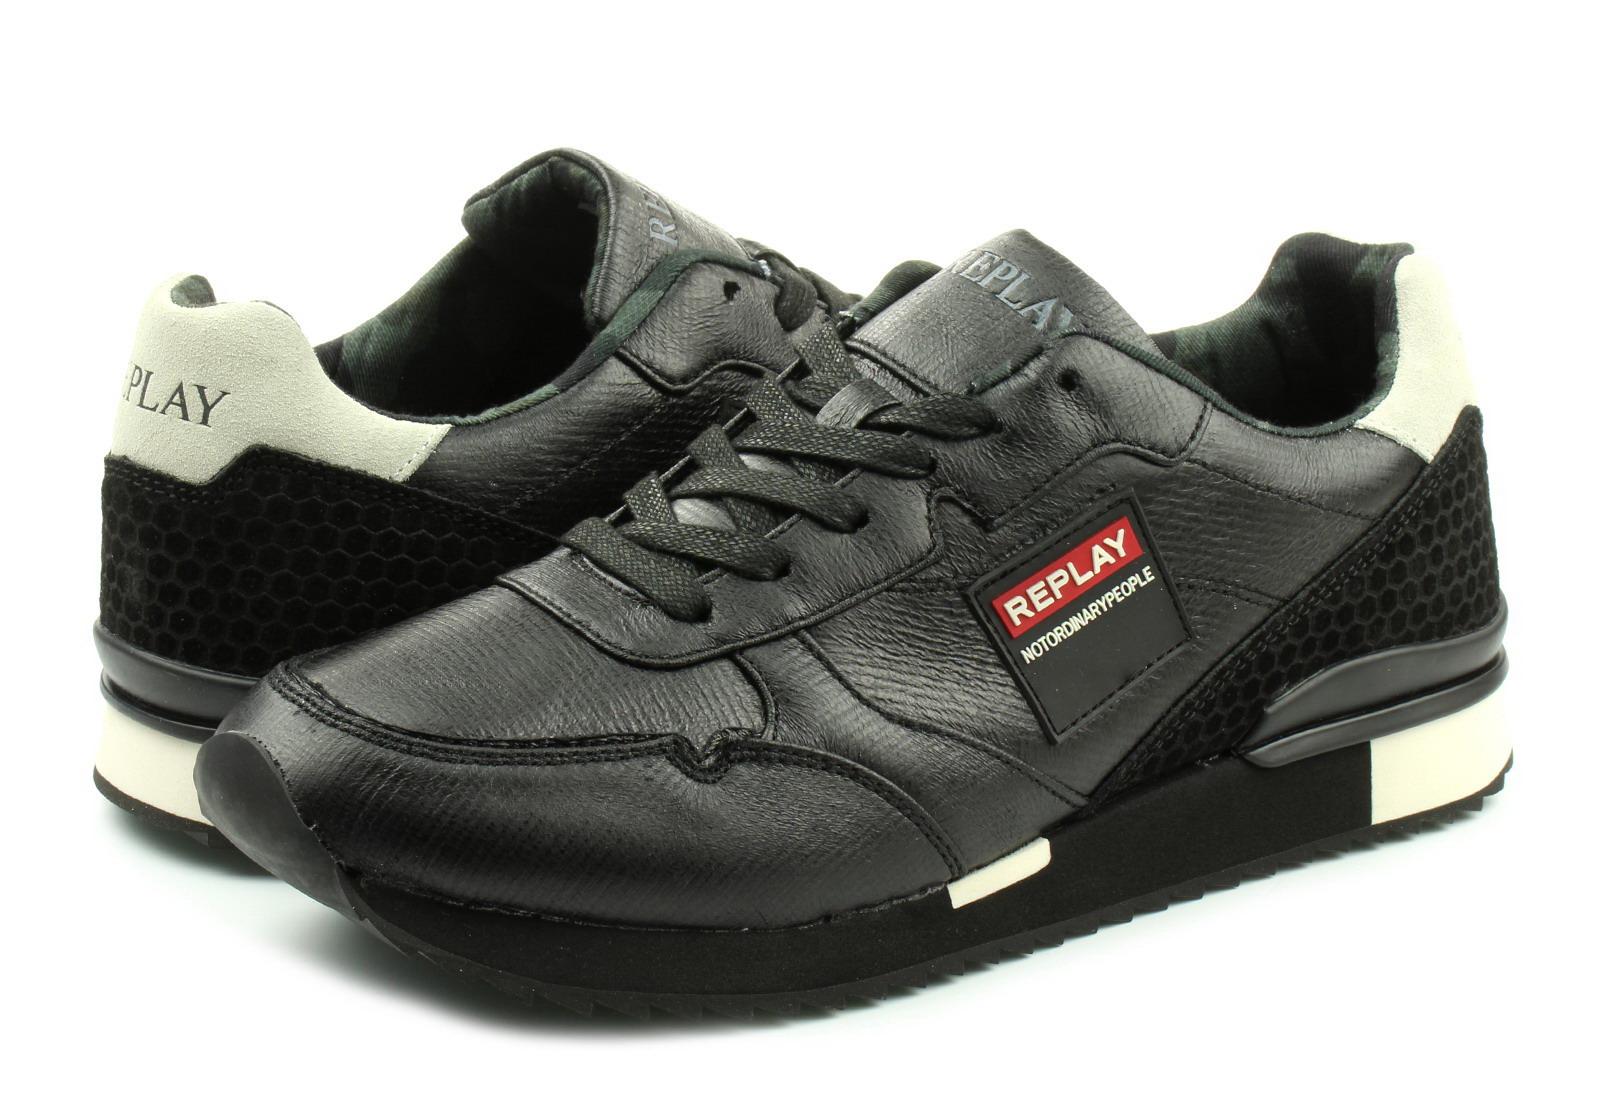 Replay Cipő - Rs680007t - RS680007T-0003 - Office Shoes Magyarország 54287926cf